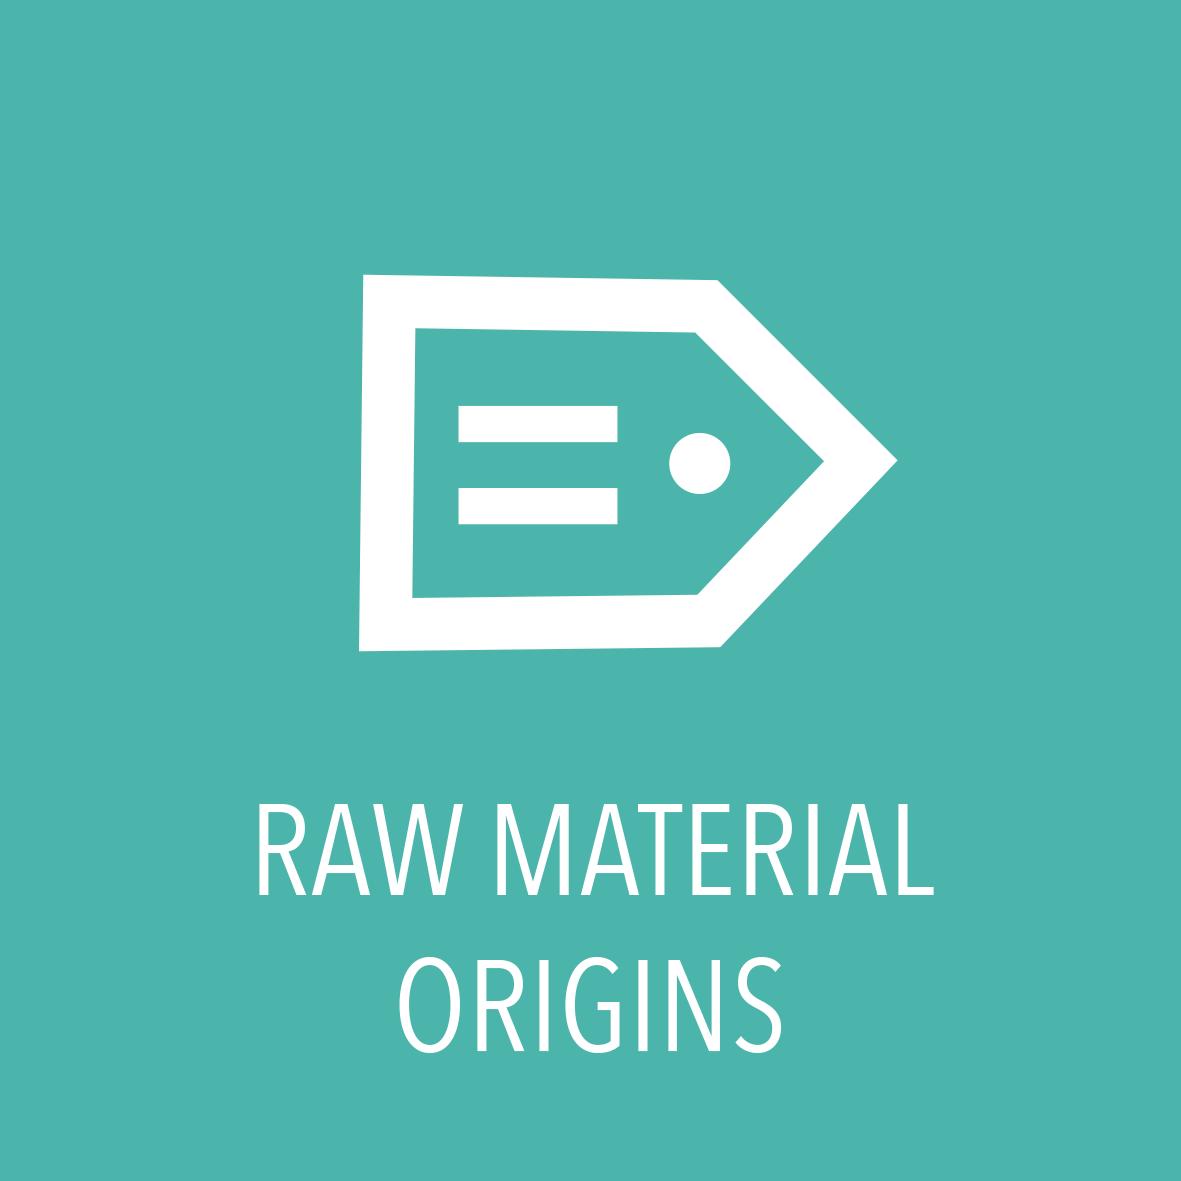 raw material origins.png